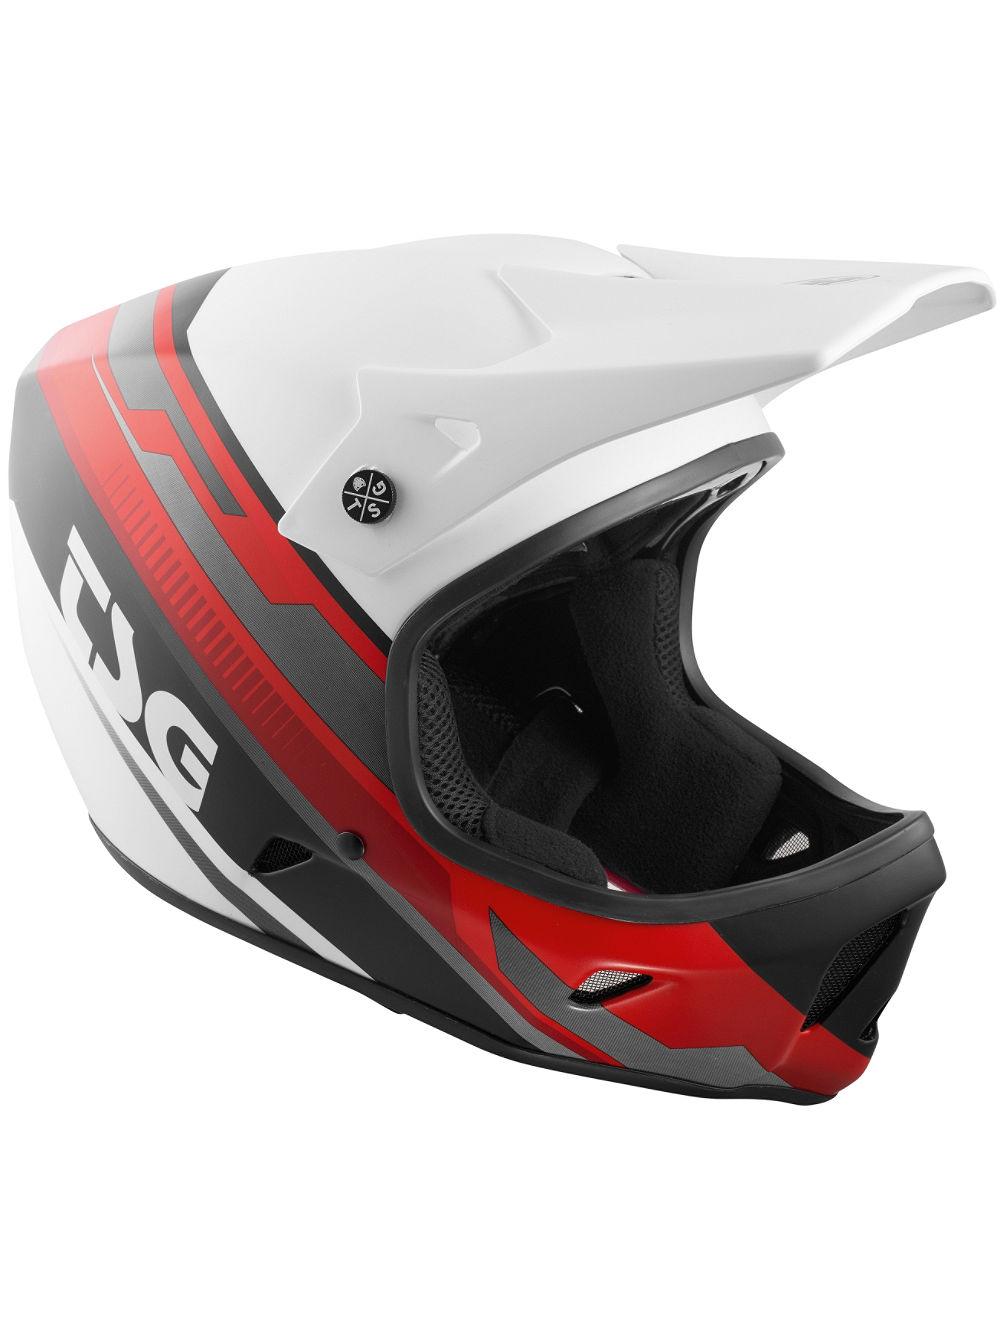 TSG Advance Graphic Design Bike Helm